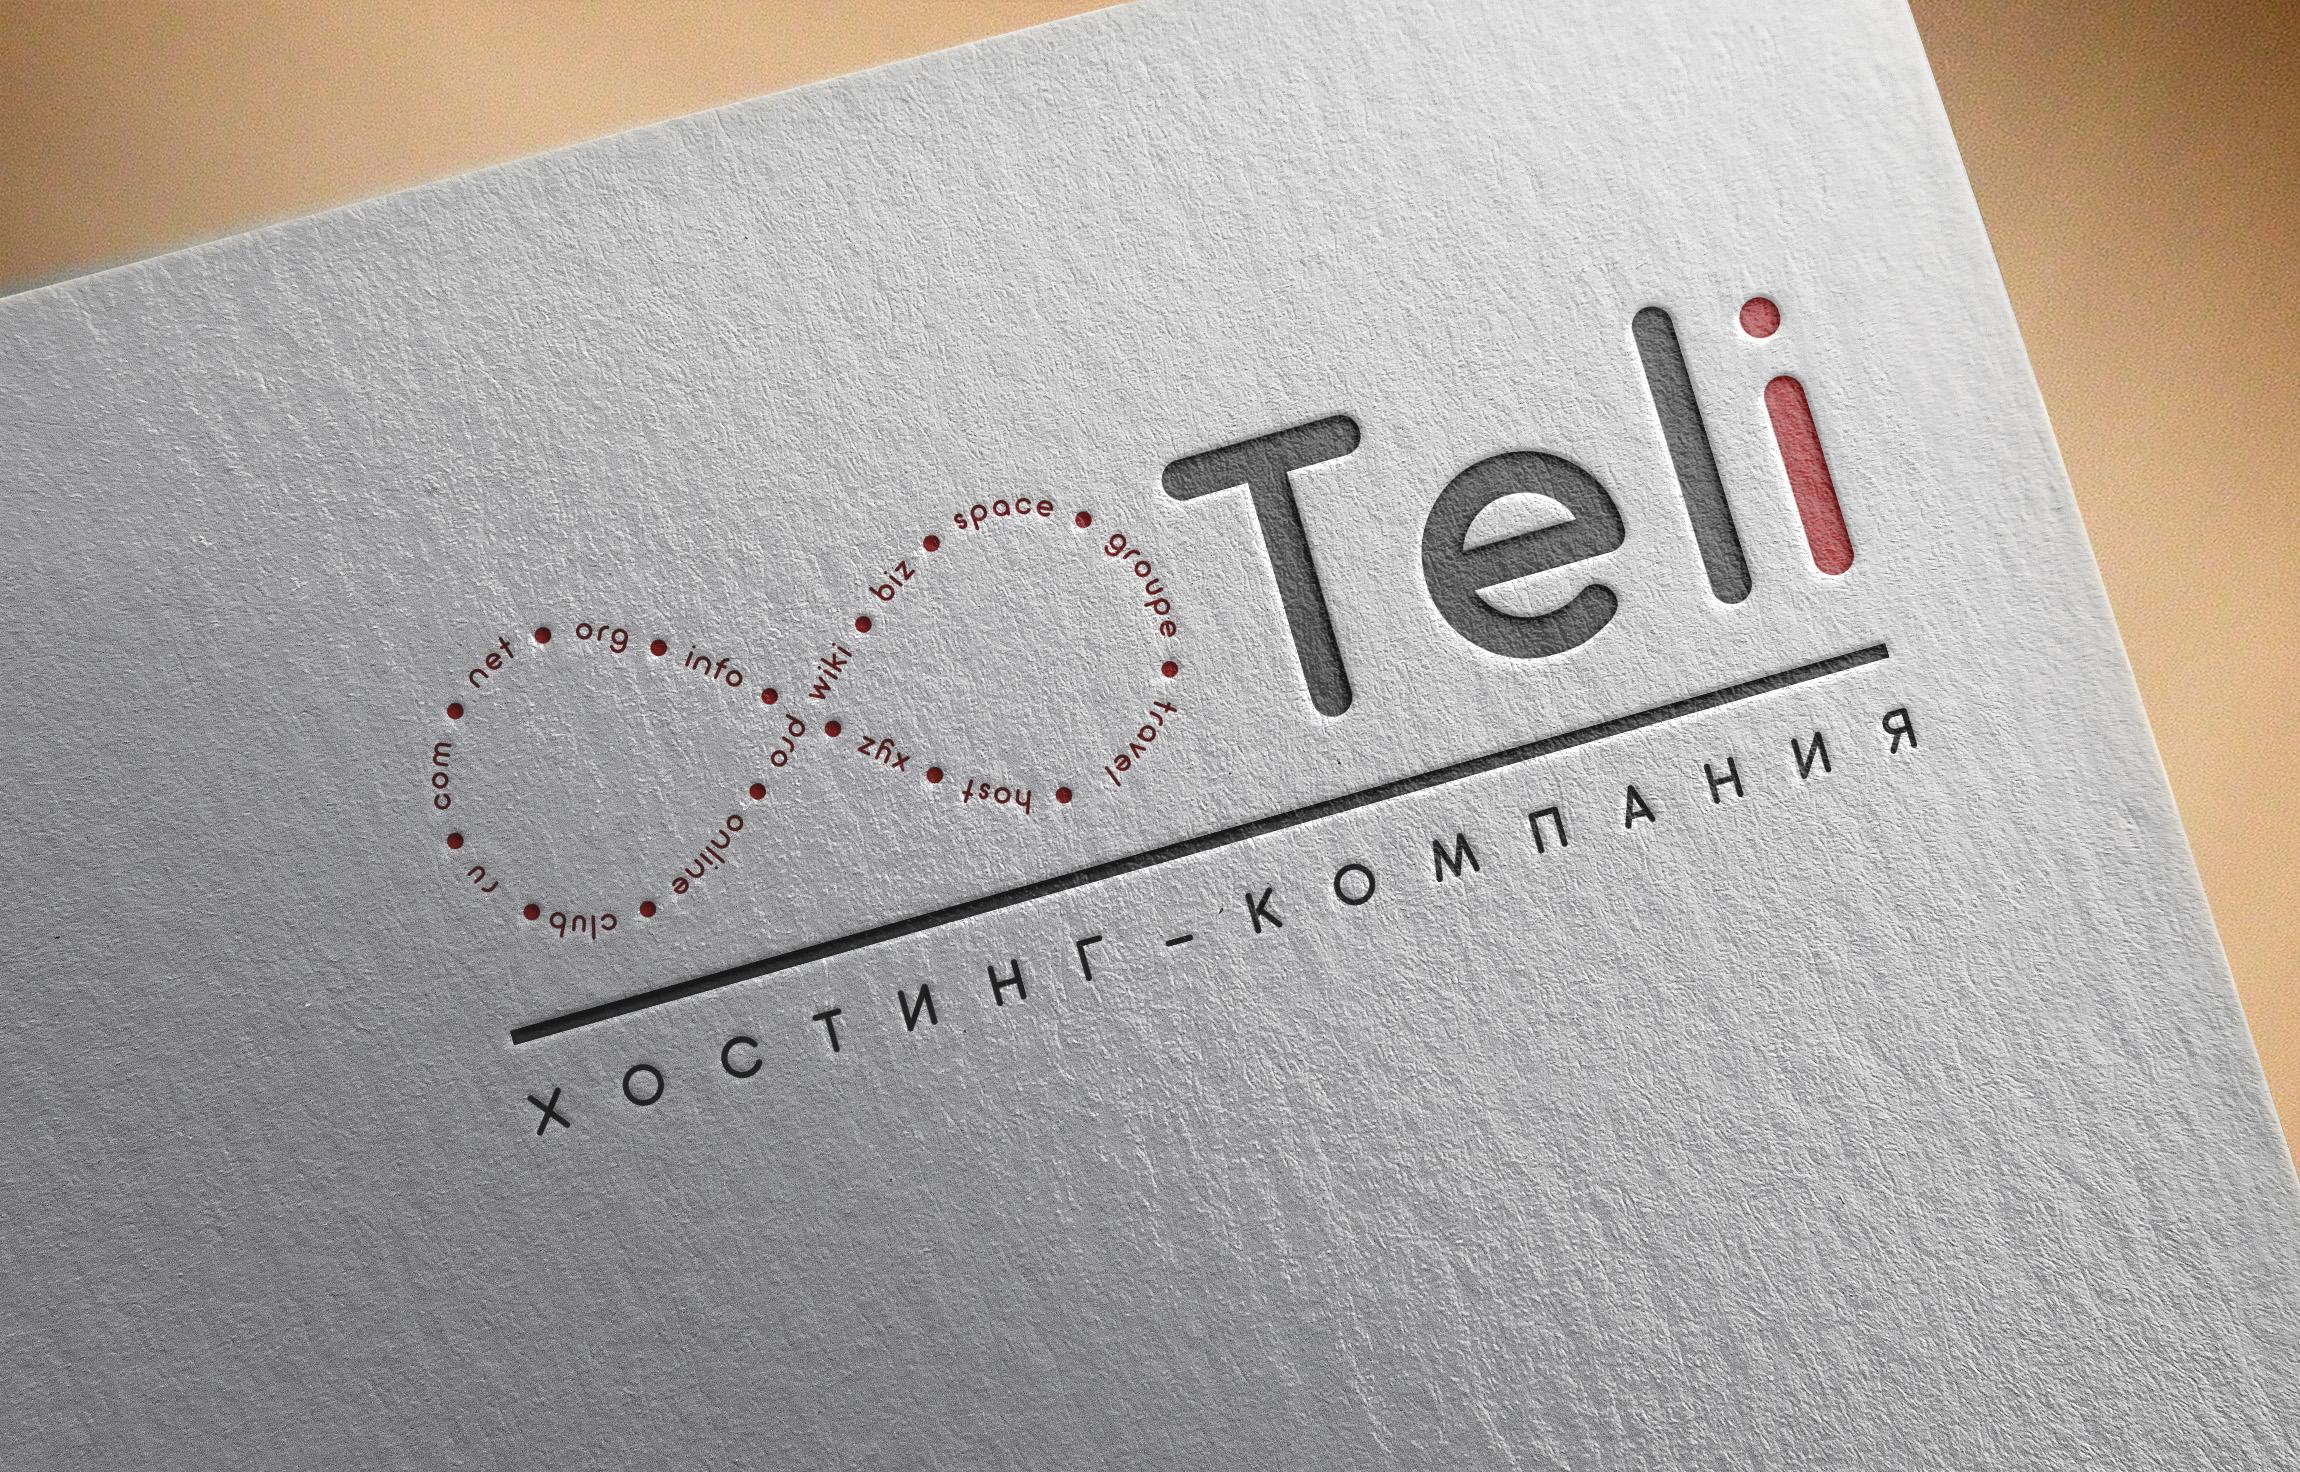 Разработка логотипа и фирменного стиля фото f_11958febd911485d.jpg